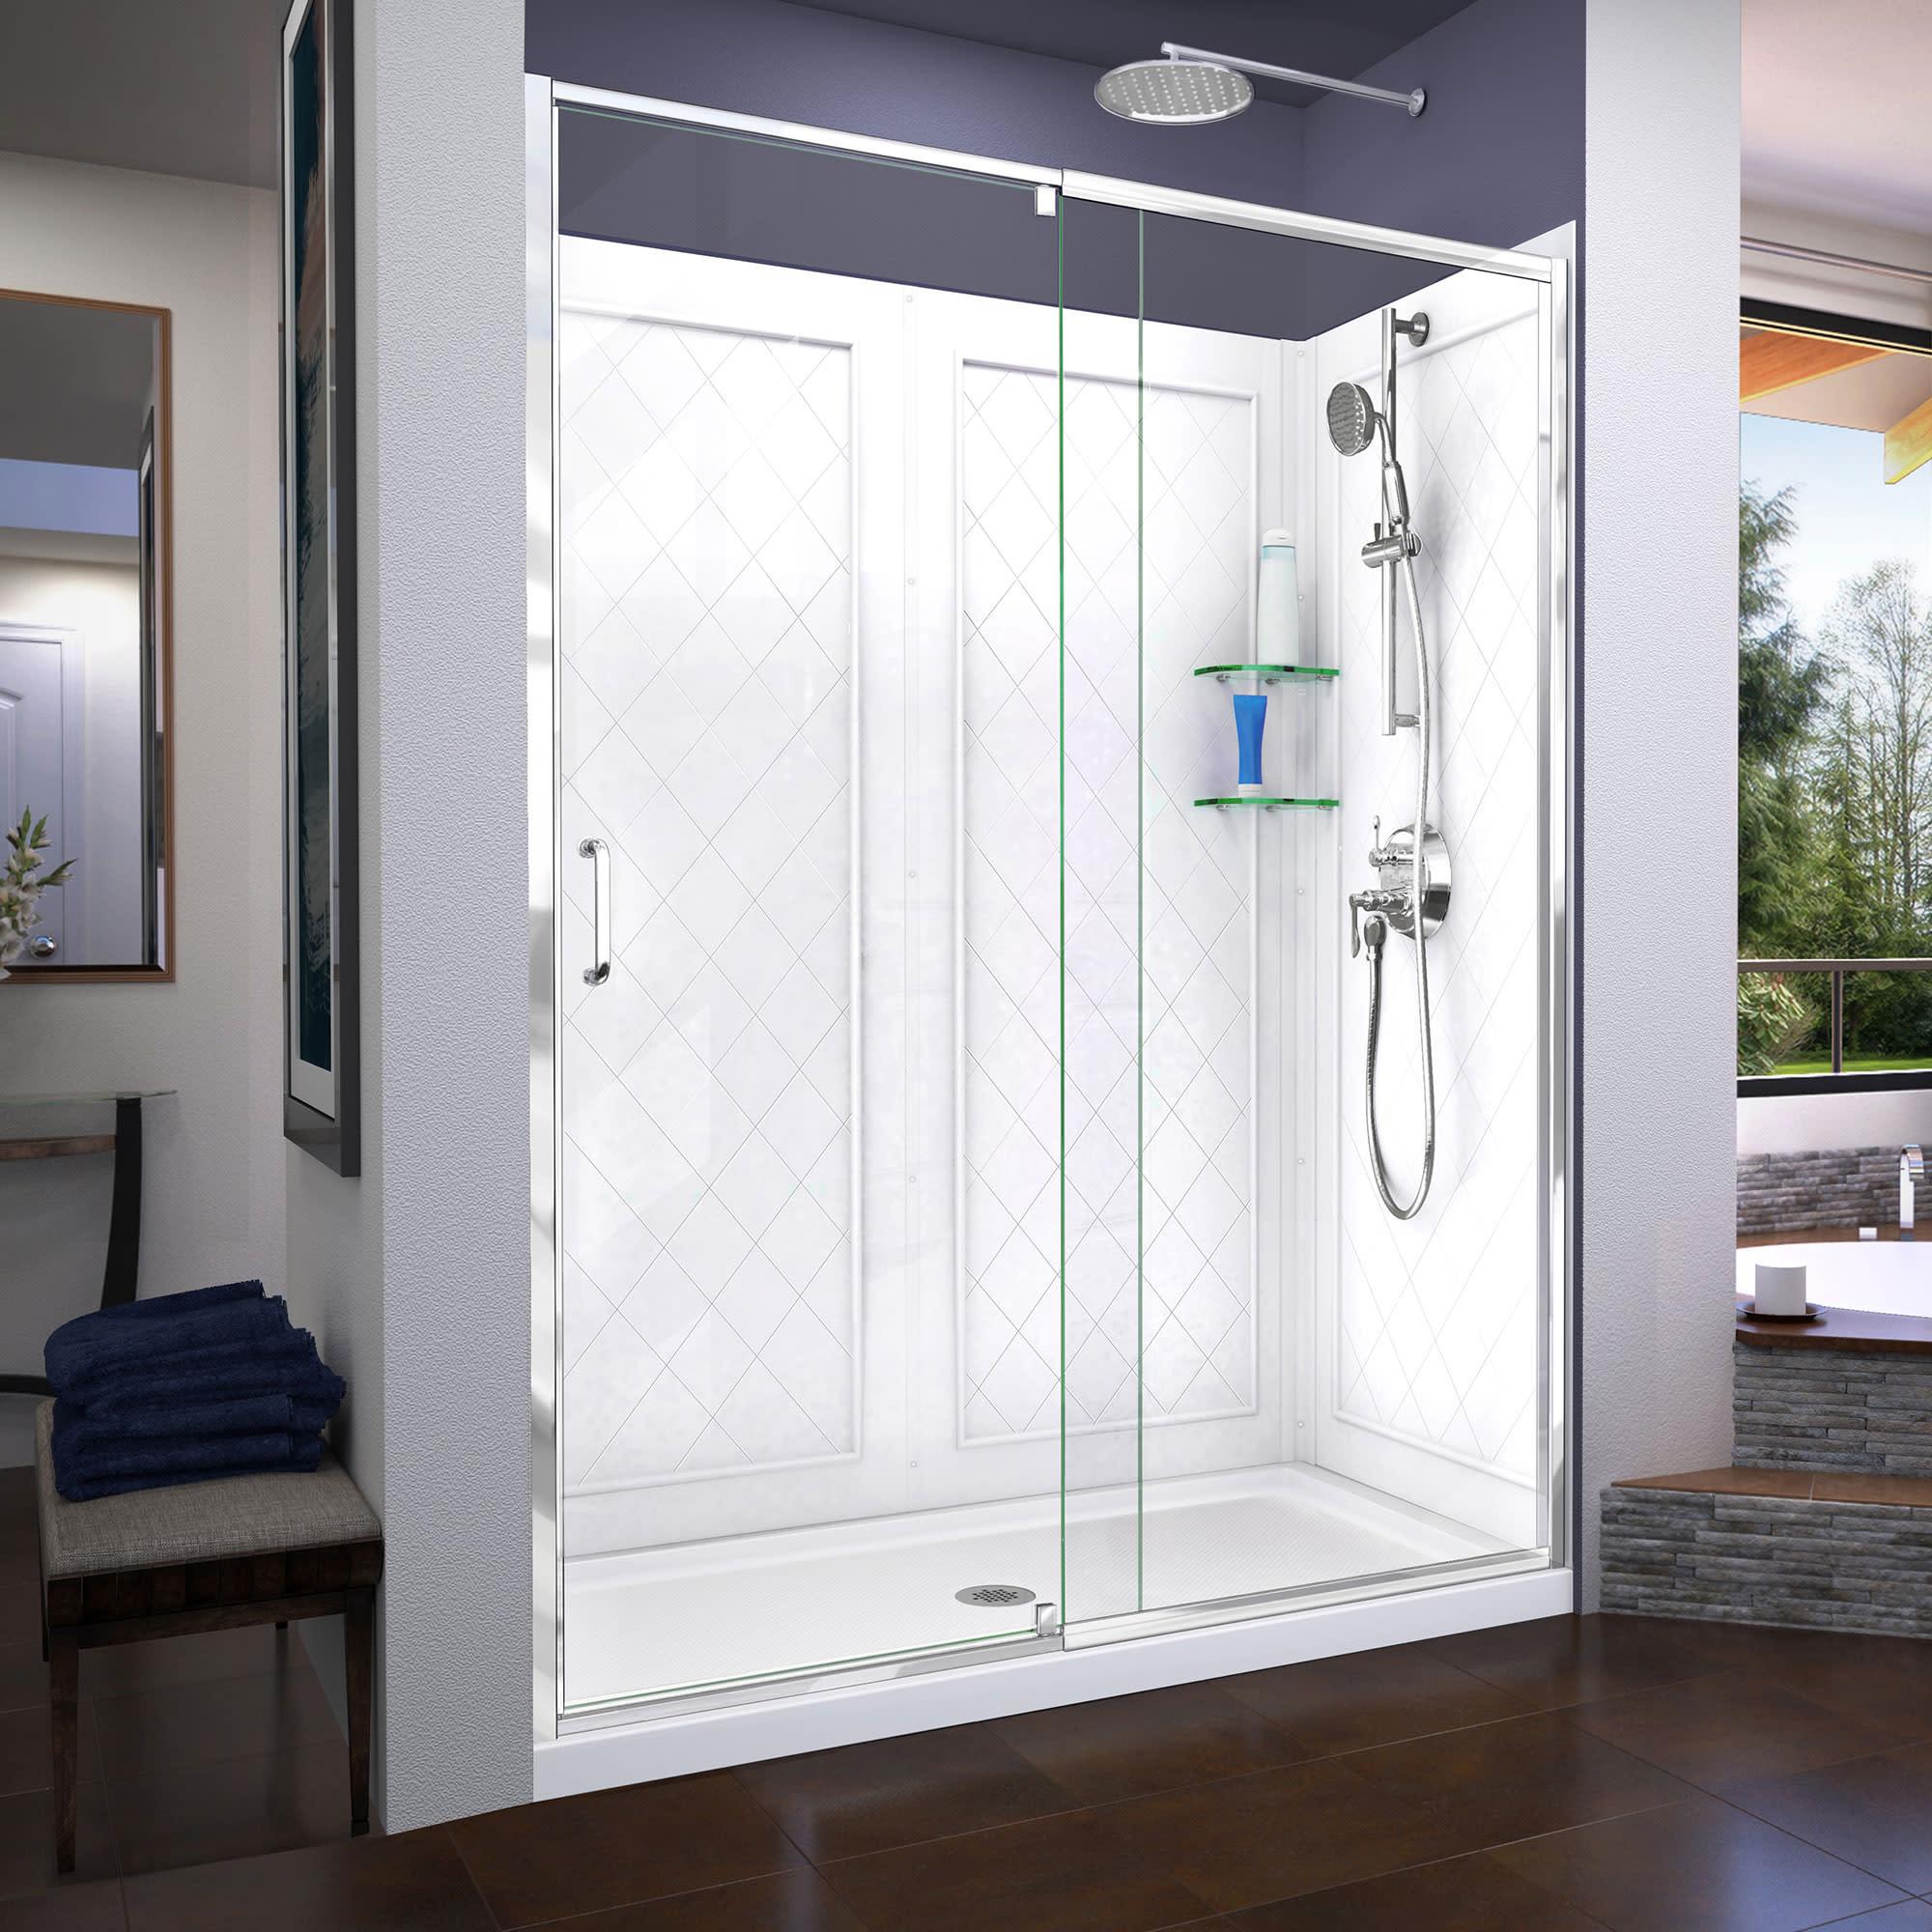 Dreamline Dl 6230 Flex Shower Door Base And Backwalls